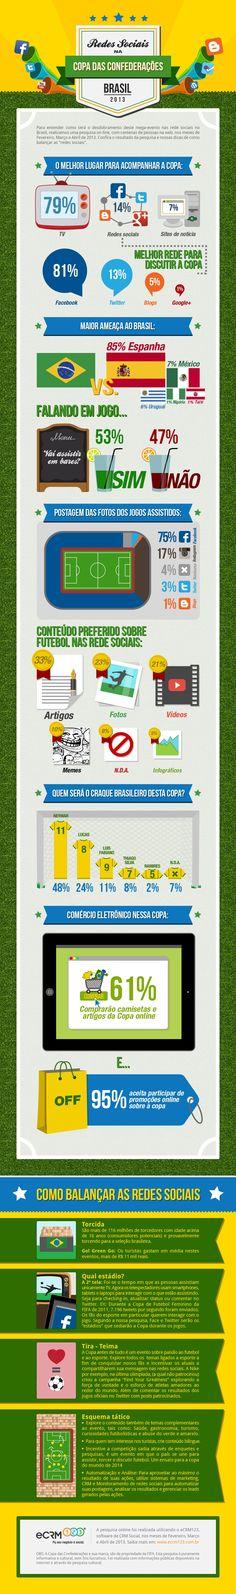 AdNews - 81% dos internautas irão discutir Copa das Confederações no Facebook